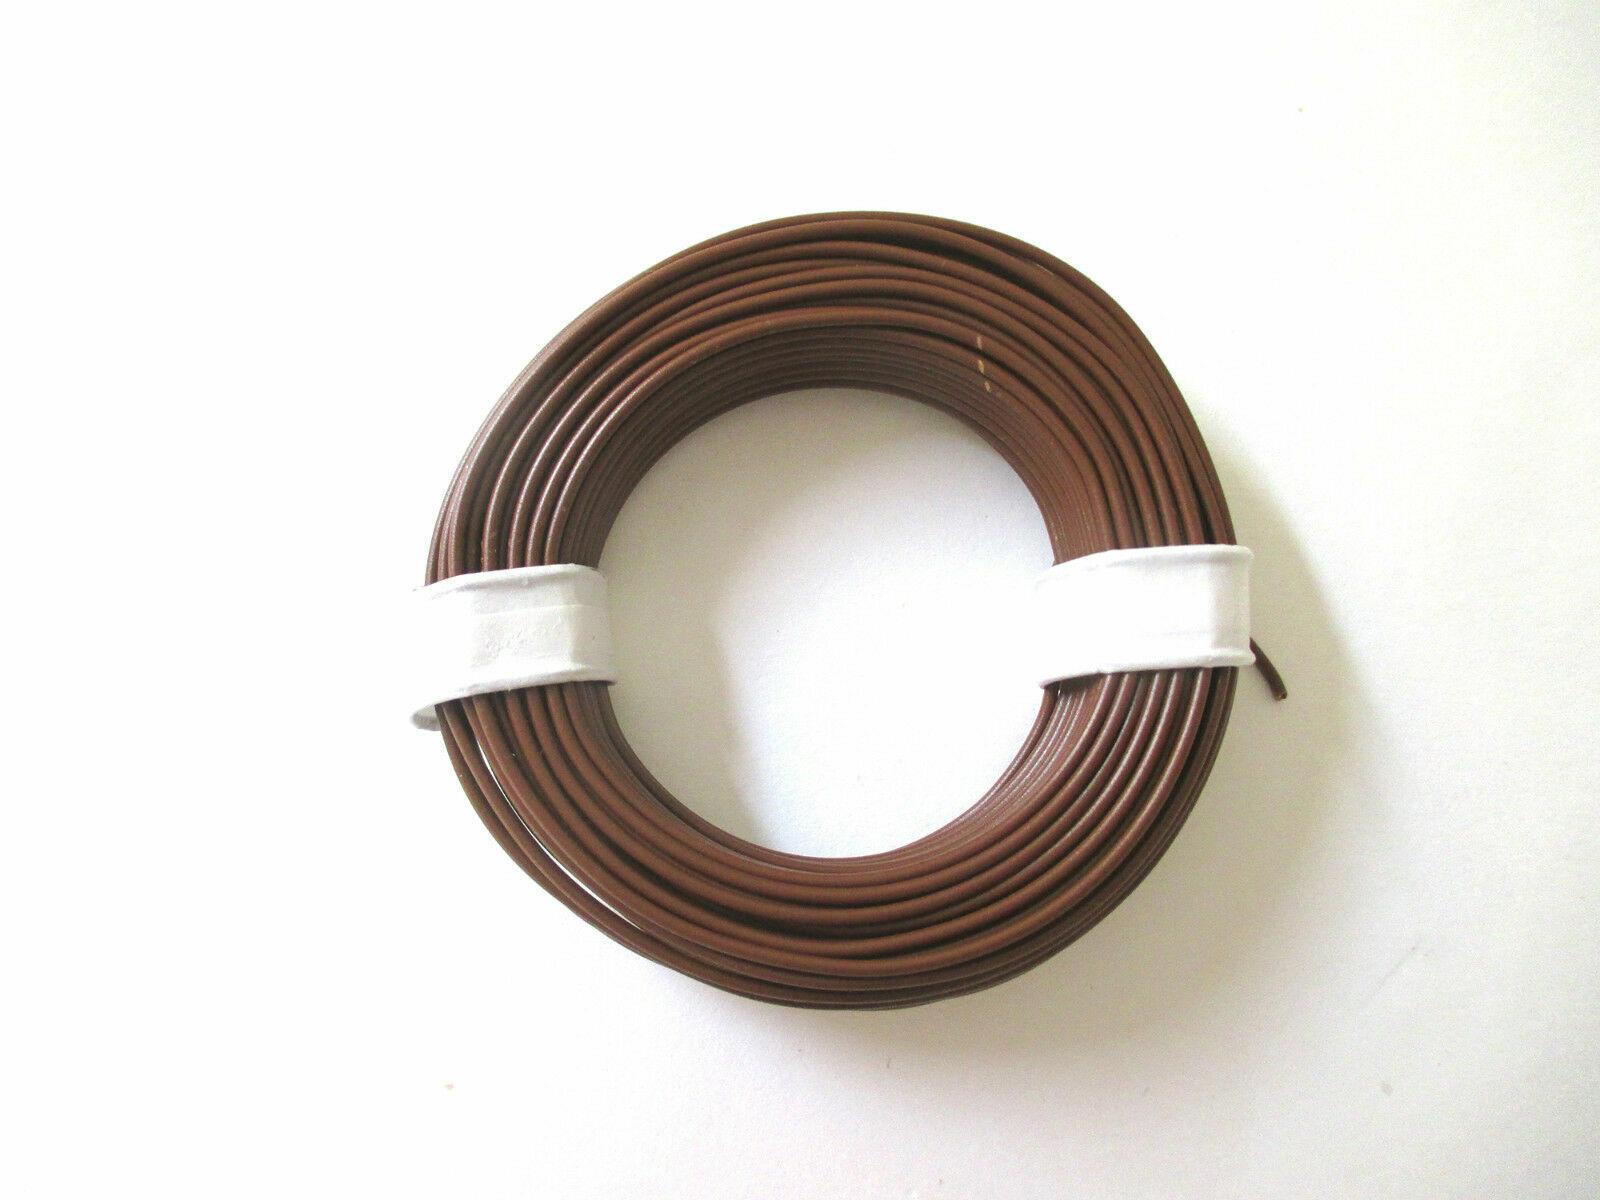 Litze  flexibel 18x0,10   10 Ringe a 10m   *NEU* 1m = EUR 0,1195